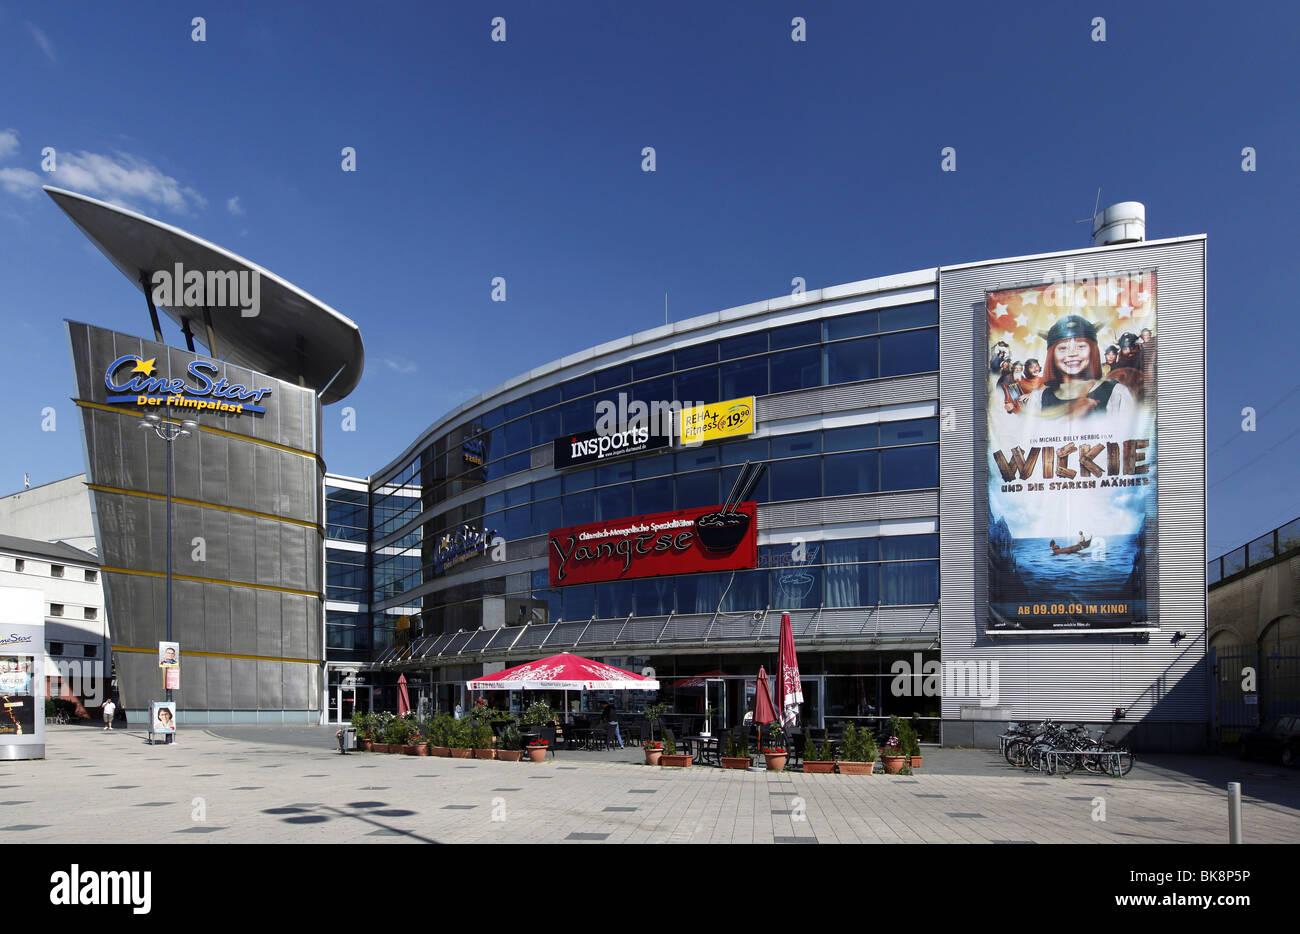 Estrellas de cine cinema, Dortmund, Renania del Norte-Westfalia, Alemania, Europa Imagen De Stock